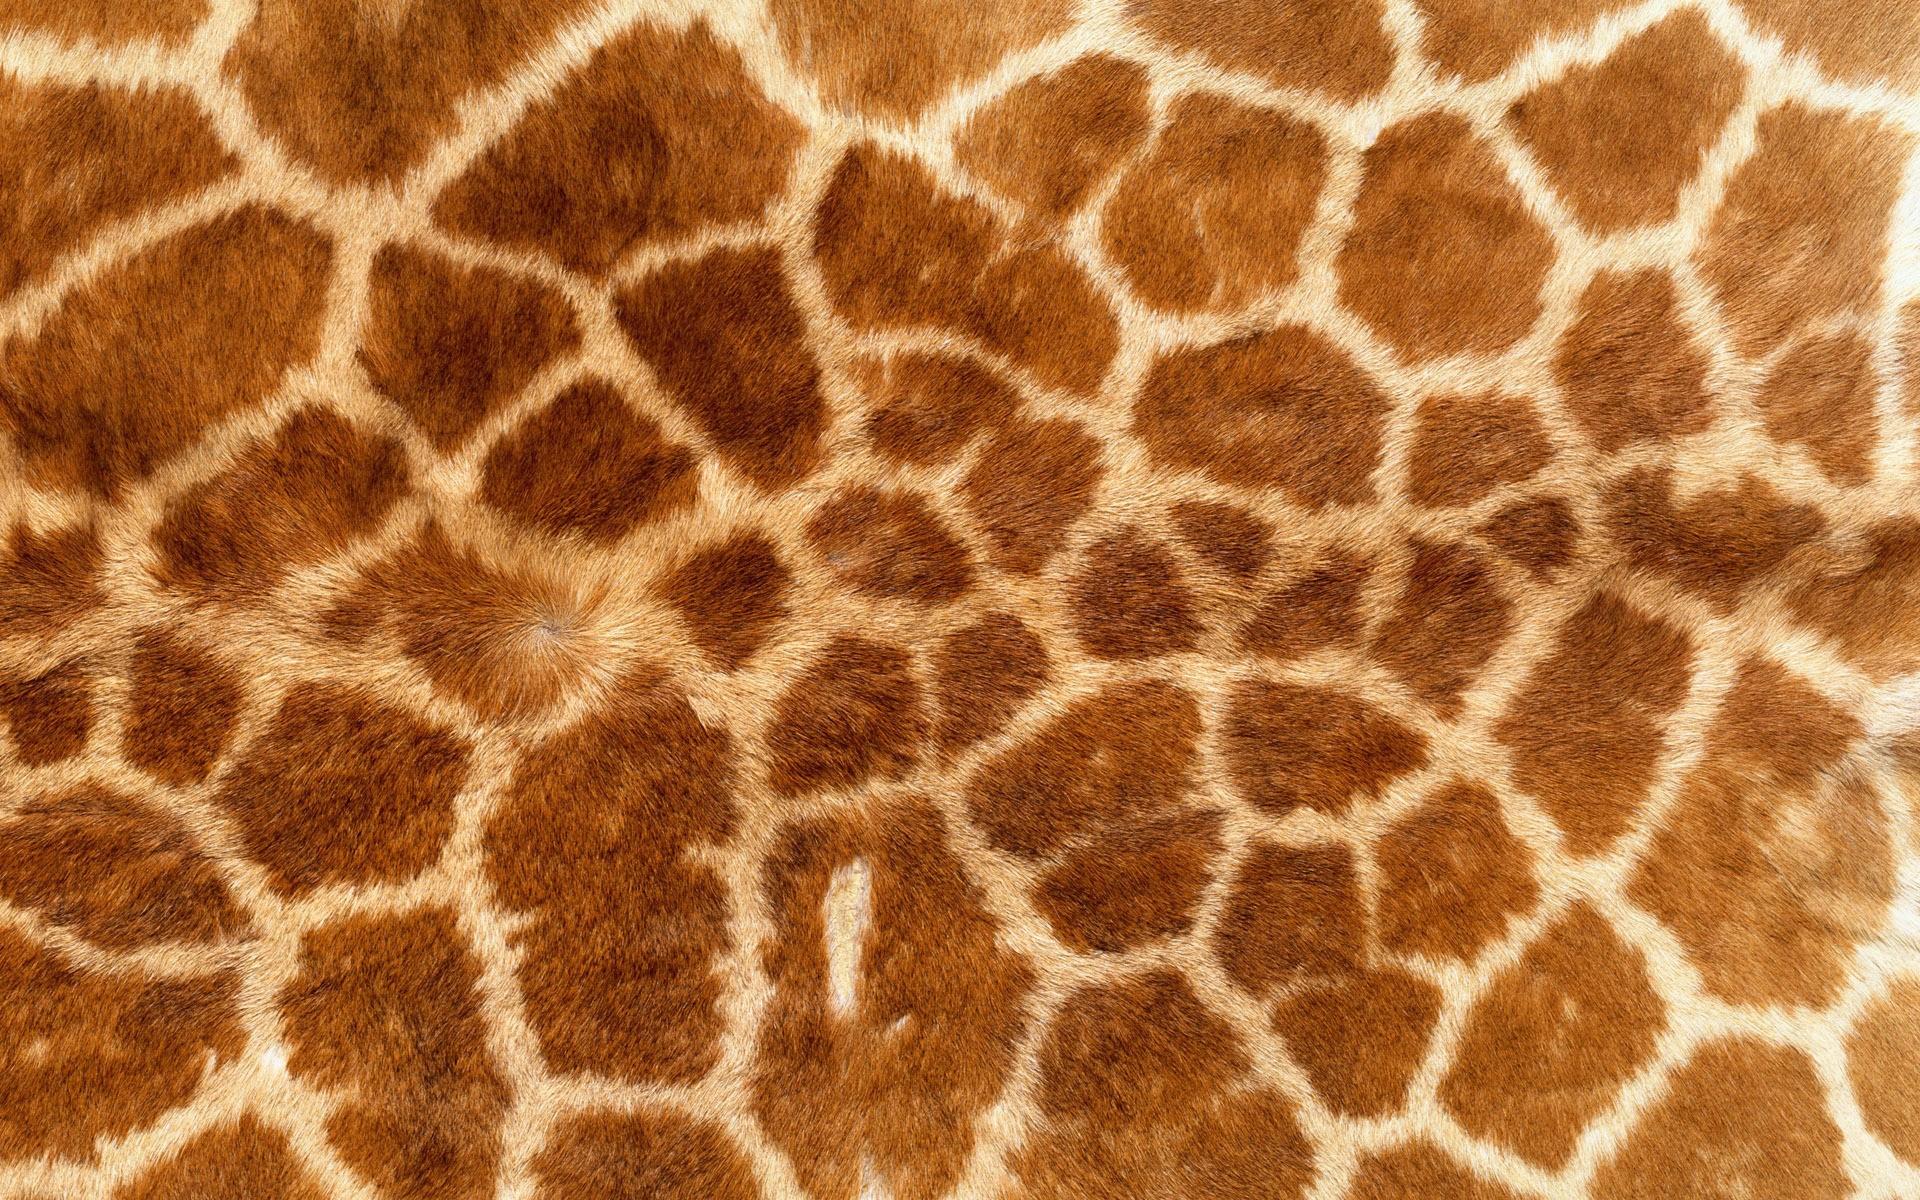 Textura de pieles de jirafas - 1920x1200